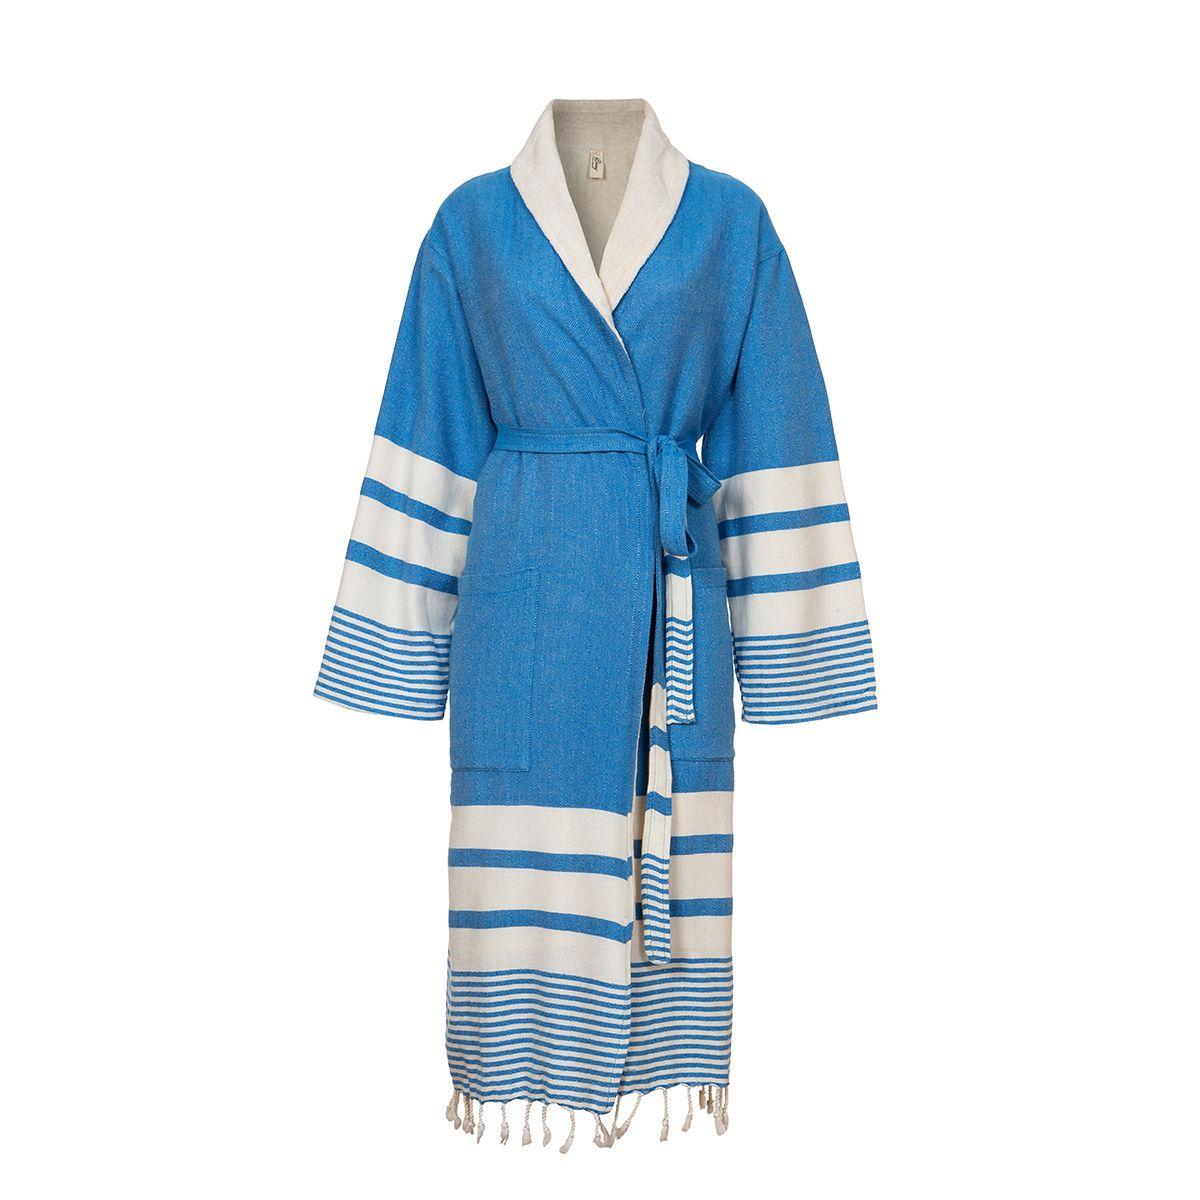 Bathrobe Tabiat with towel - Dark Blue